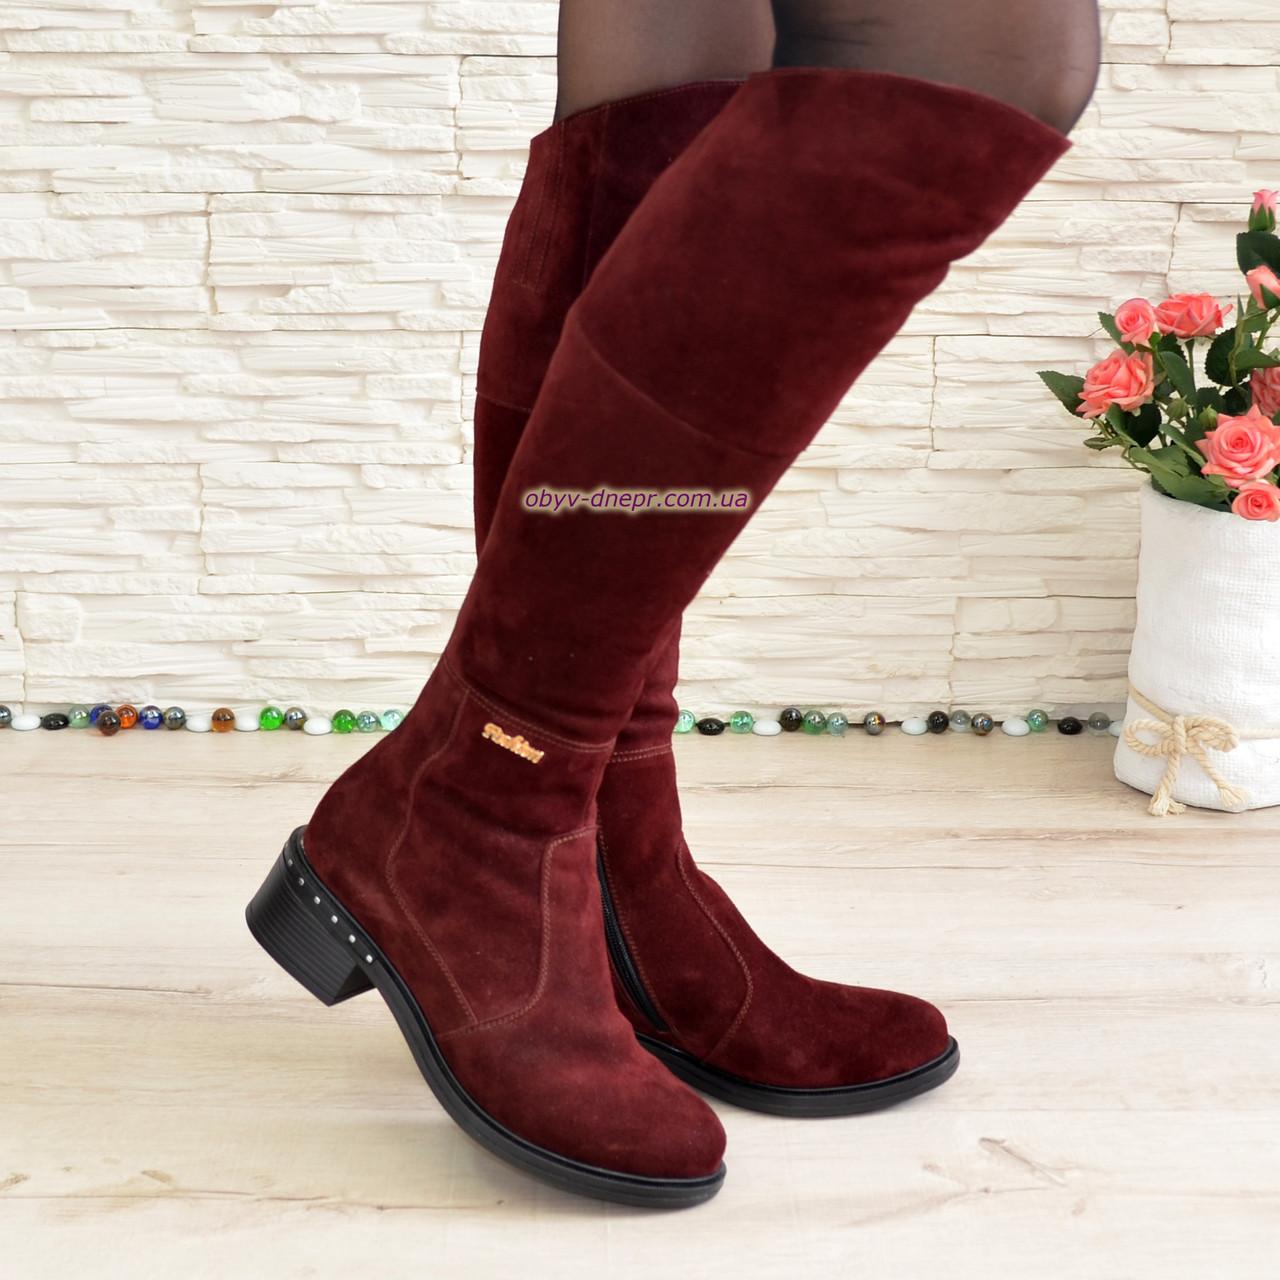 4819670a Женские зимние замшевые ботфорты на невысоком каблуке, цвет бордо ...